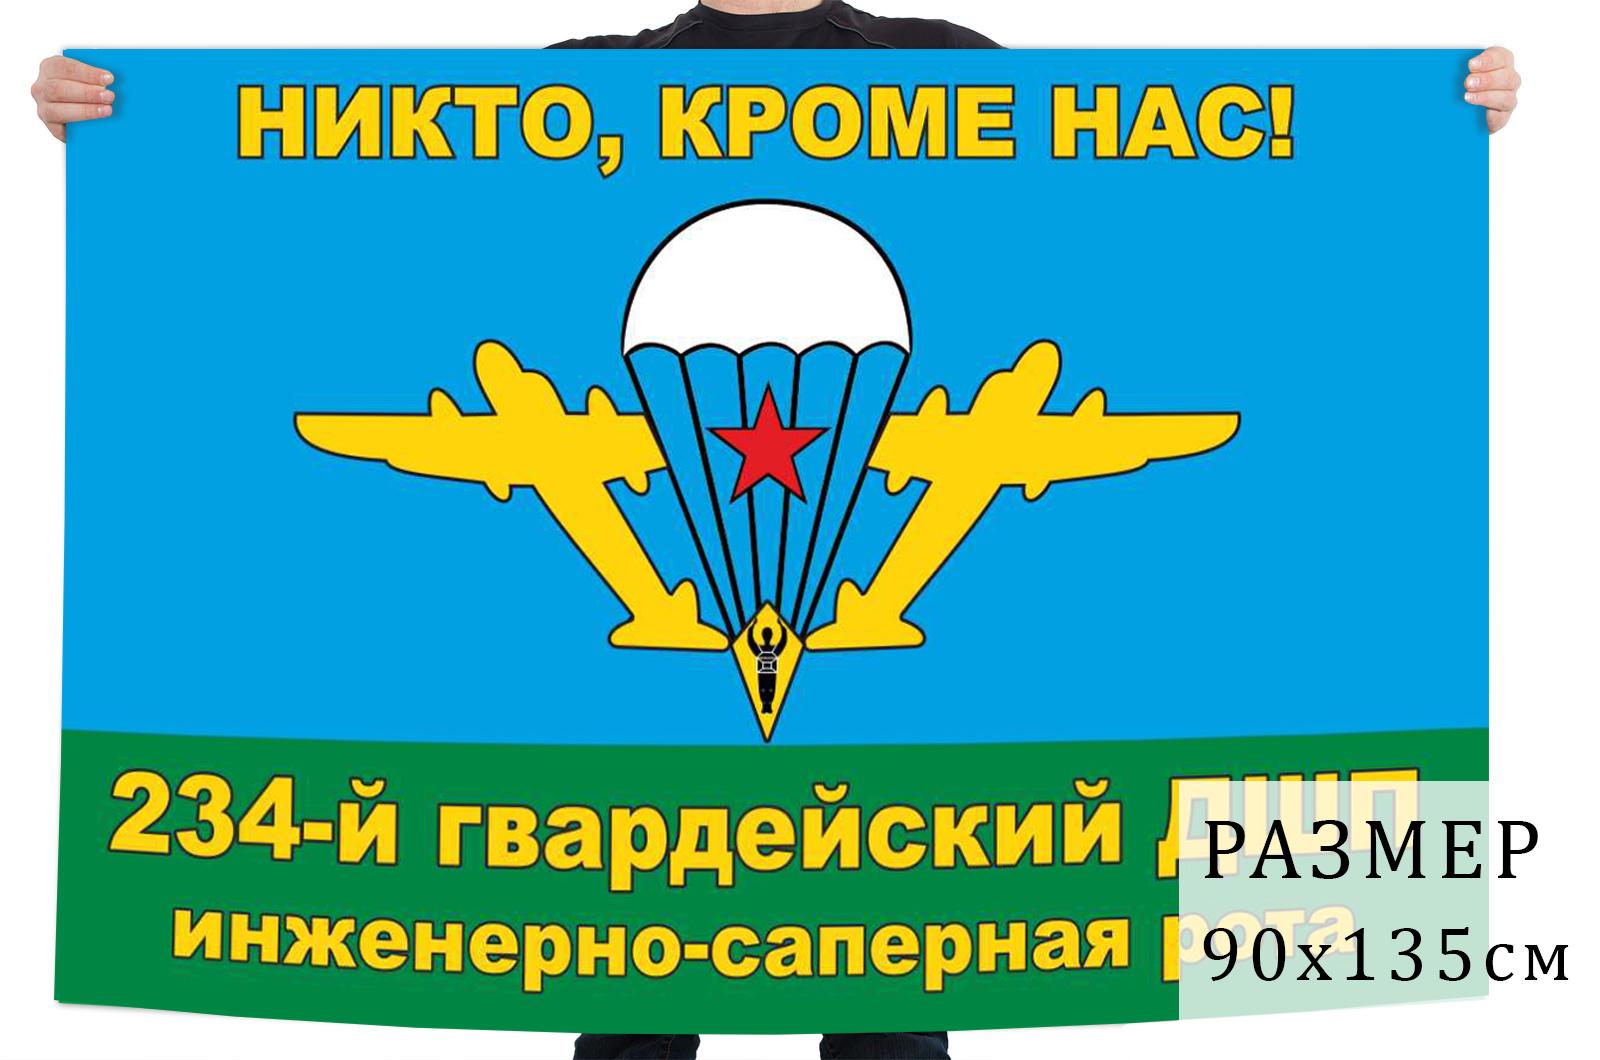 Флаг инженерно-саперной роты 234 Гв. ДШП